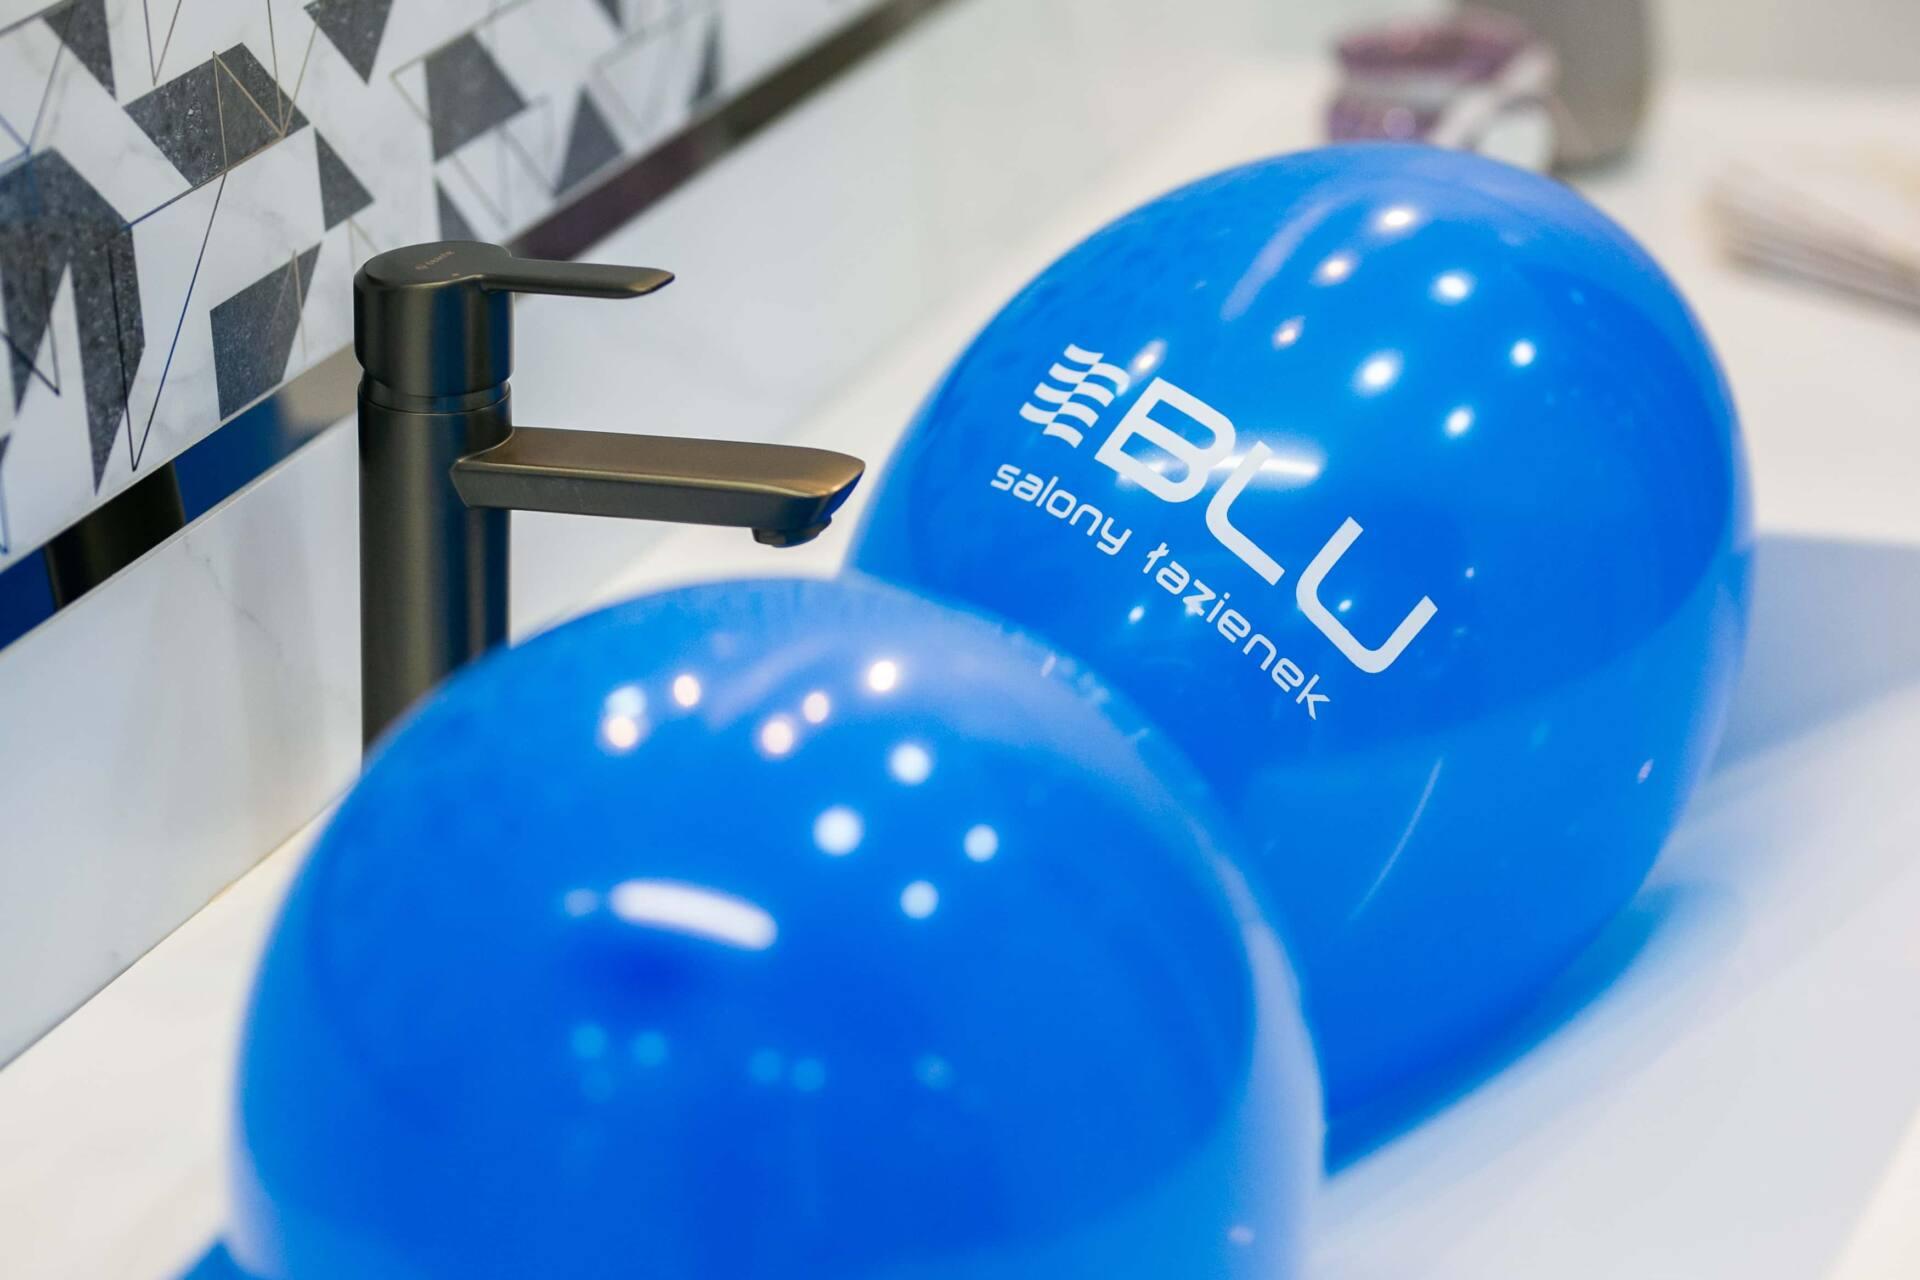 5db 5629 Salon BLU: na ponad 500 m2., 36 łazienkowych aranżacji i bogata ekspozycja wyposażenia (zdjęcia)